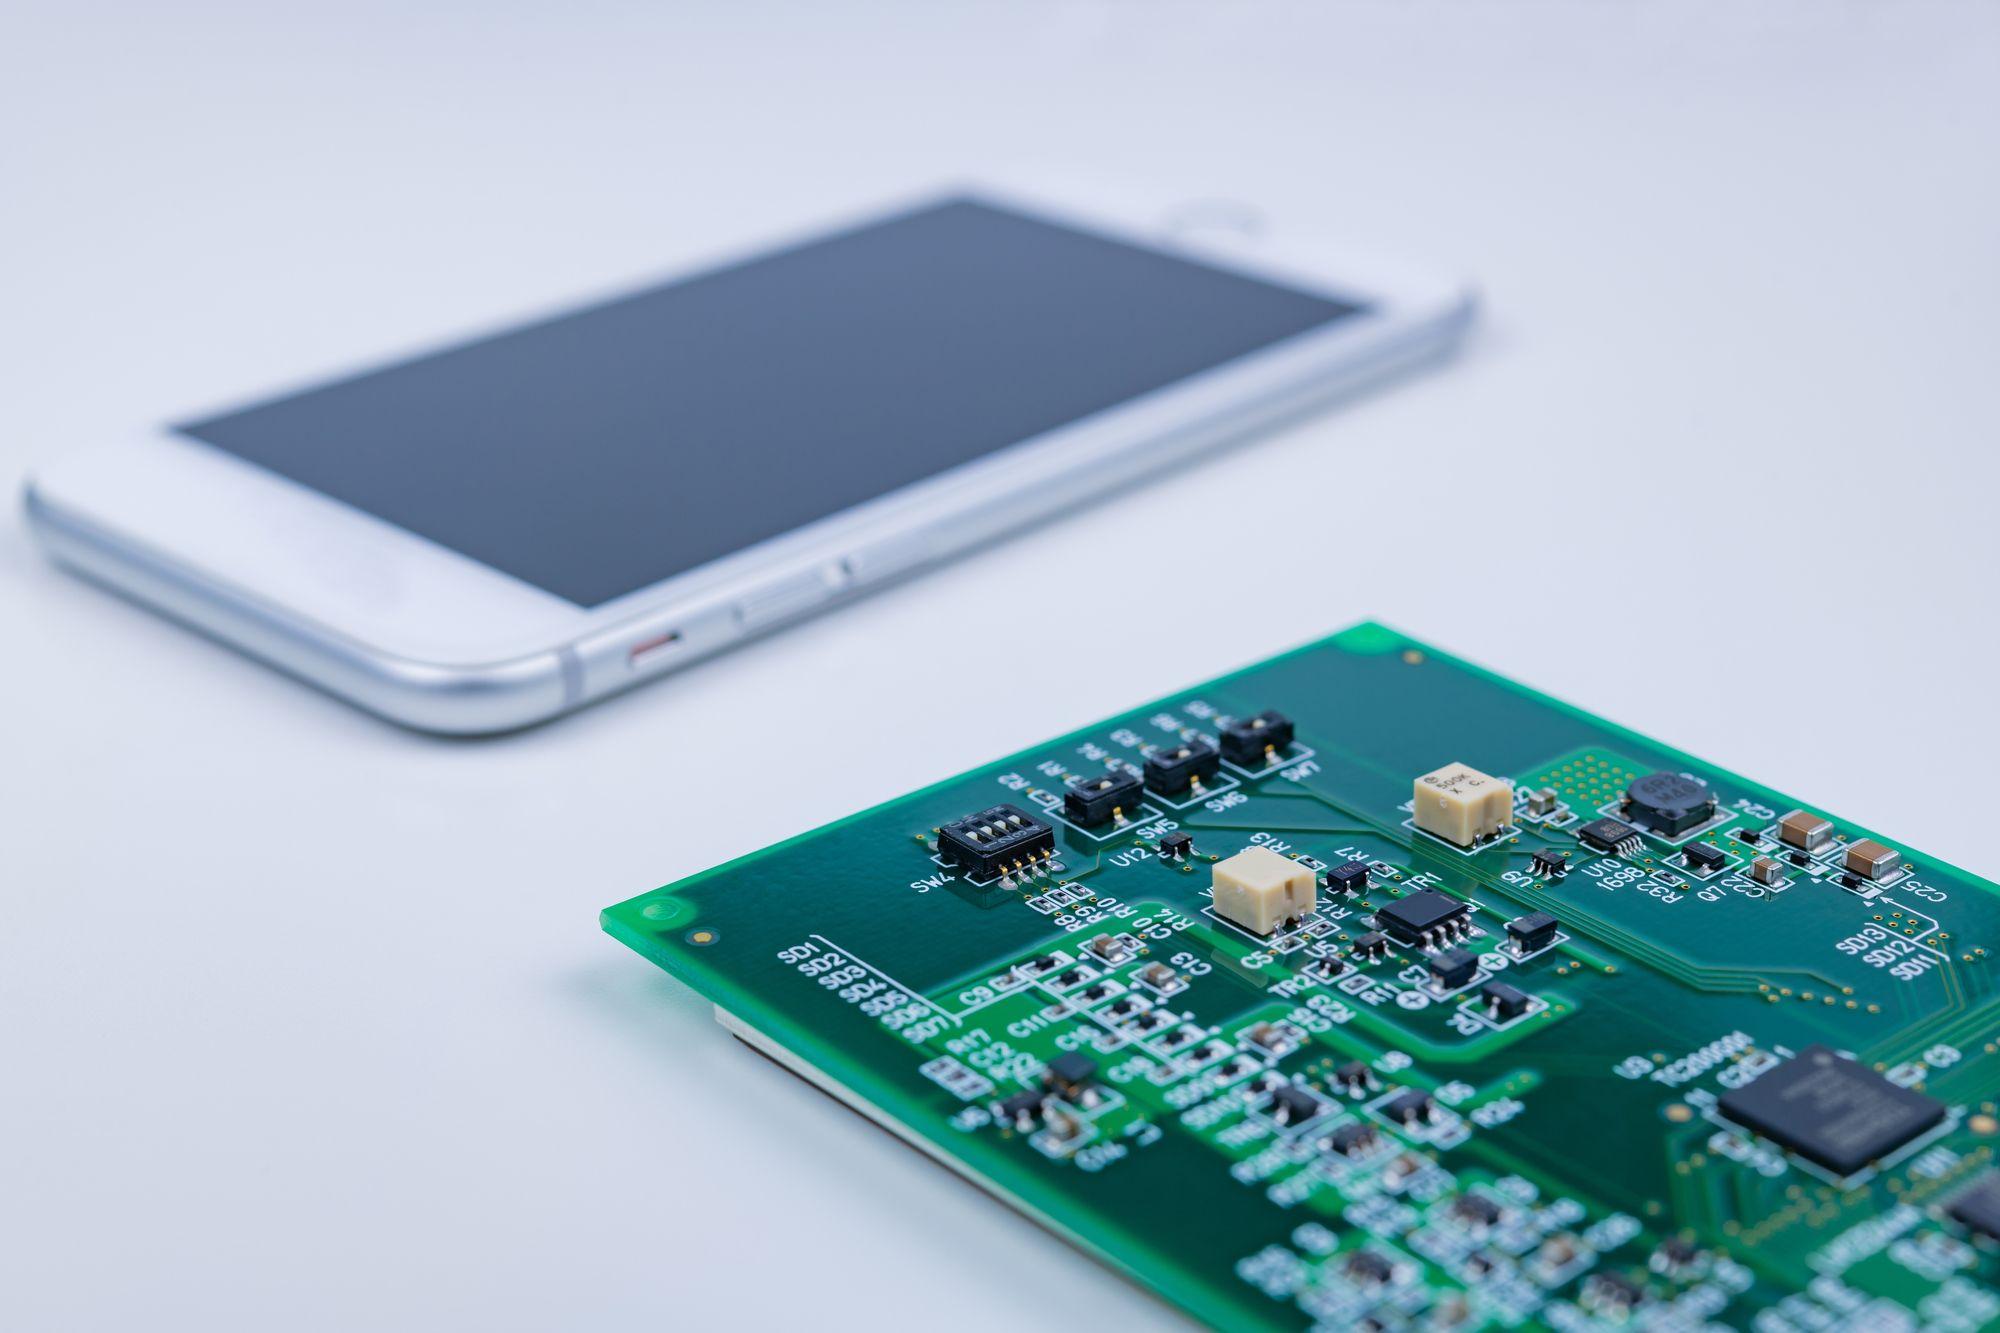 スマホ向けへ、FPCに熱のダメージを与えず電子部品を実装する新技術